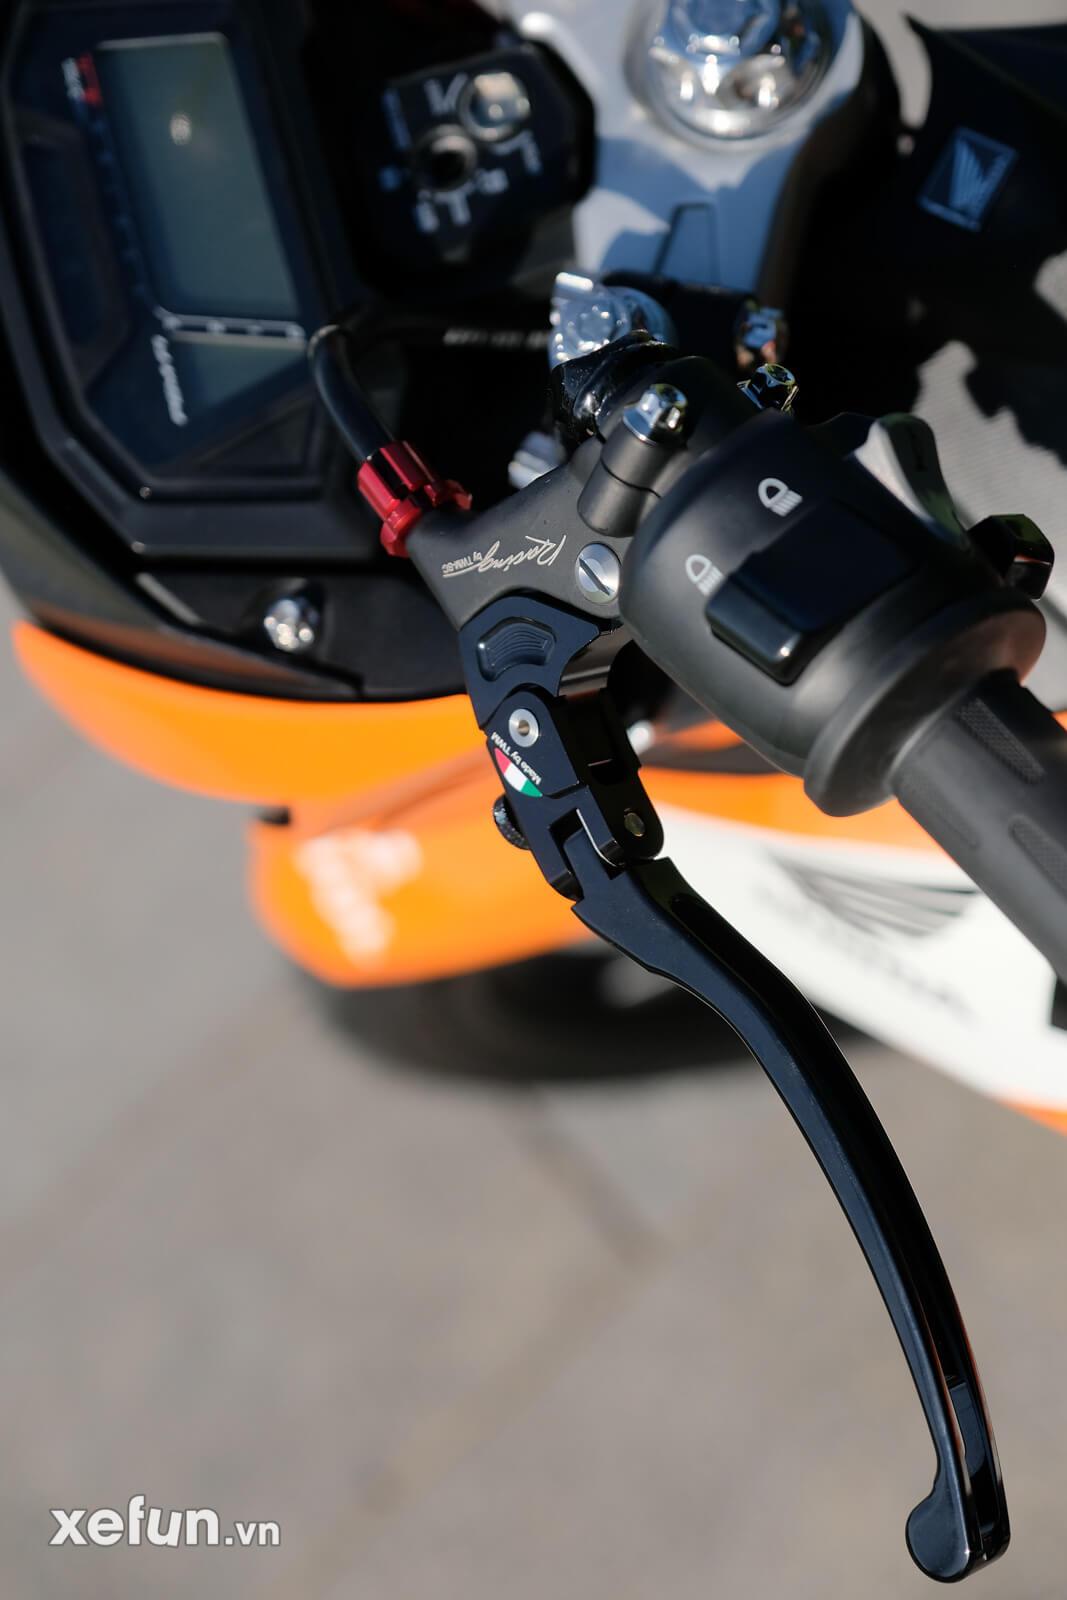 Honda sonic 150r độ trái 65 + 4 giá hơn 80 triệu đồng Xefun - 456